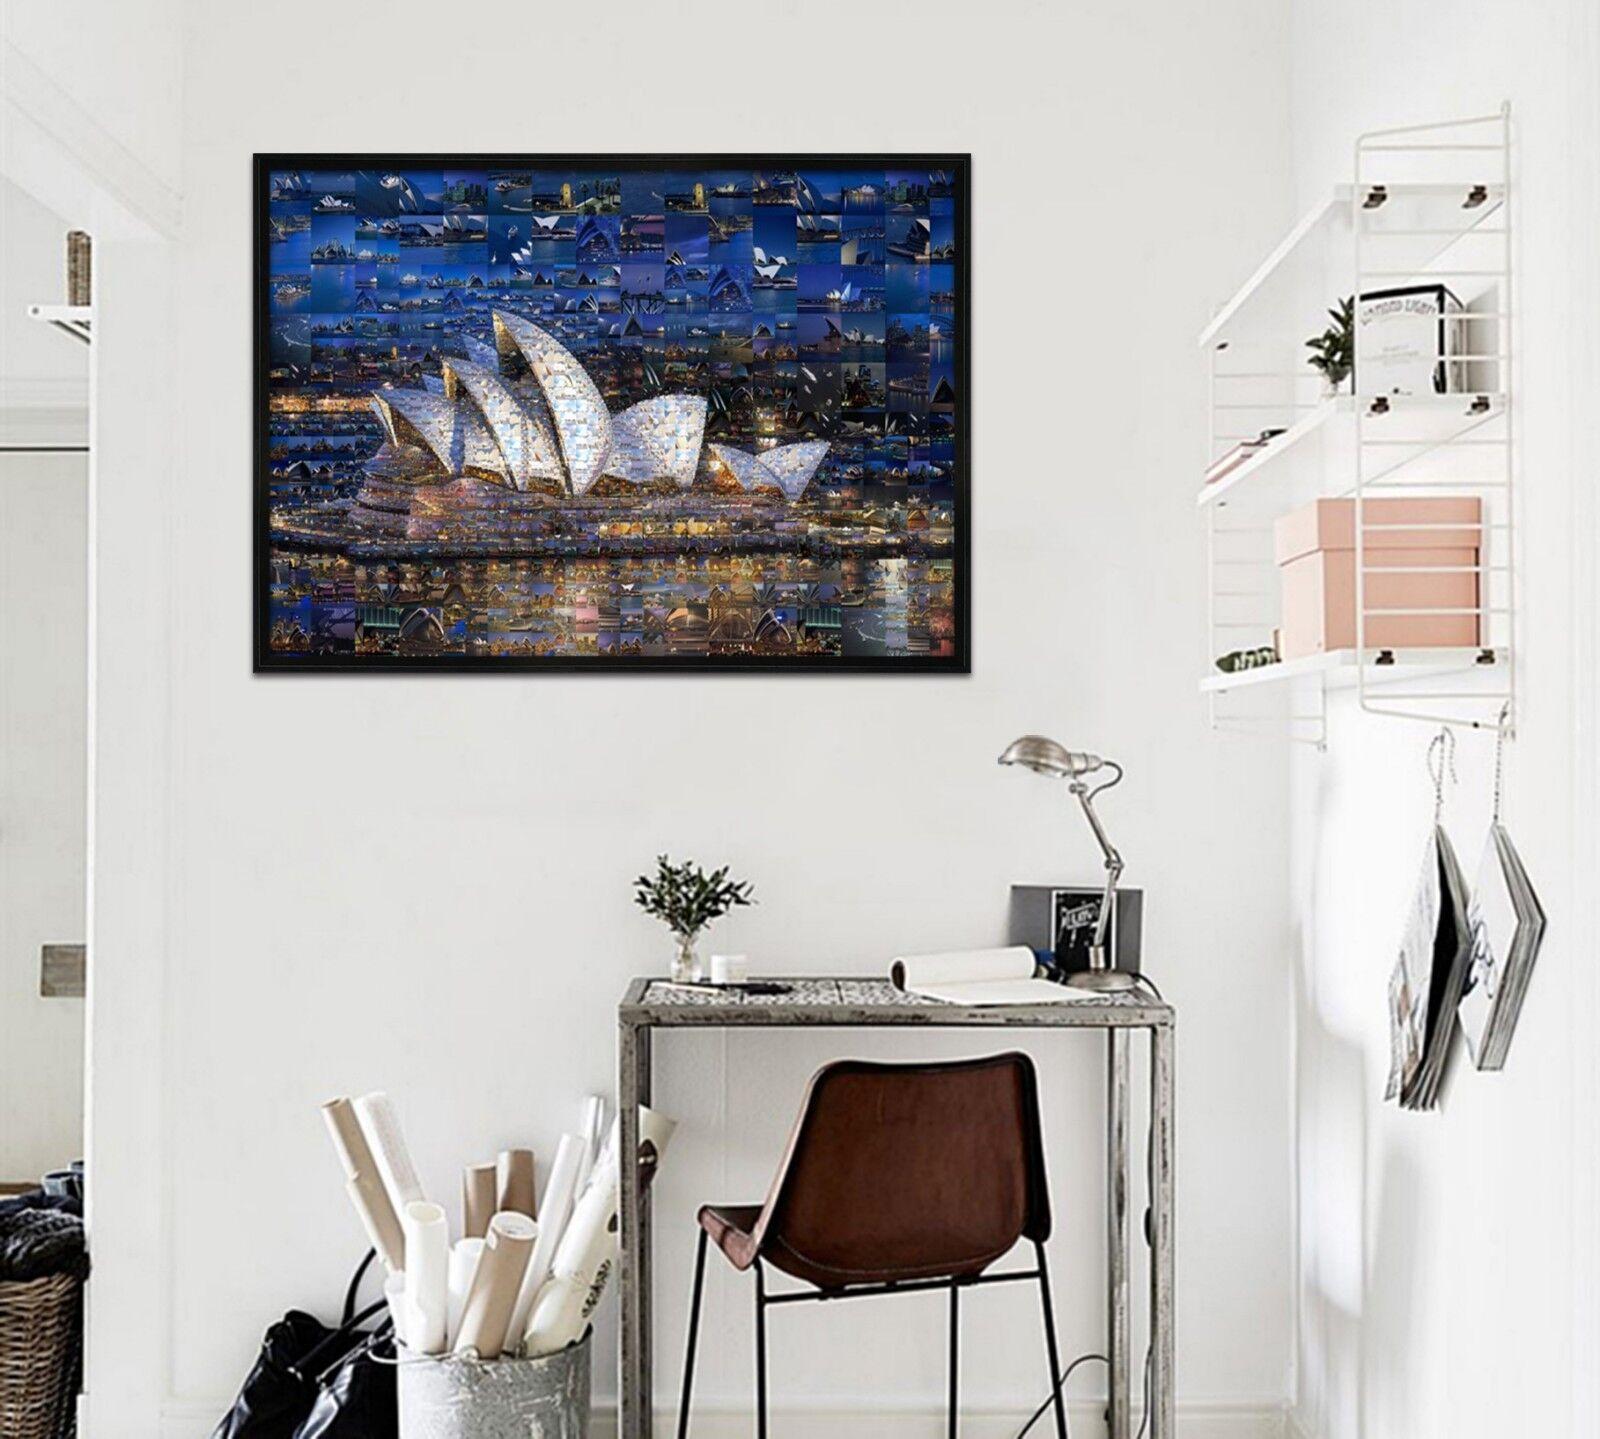 3D Mall Riverside 46 Framed Poster Home Decor Print Painting Art AJ WALLPAPER